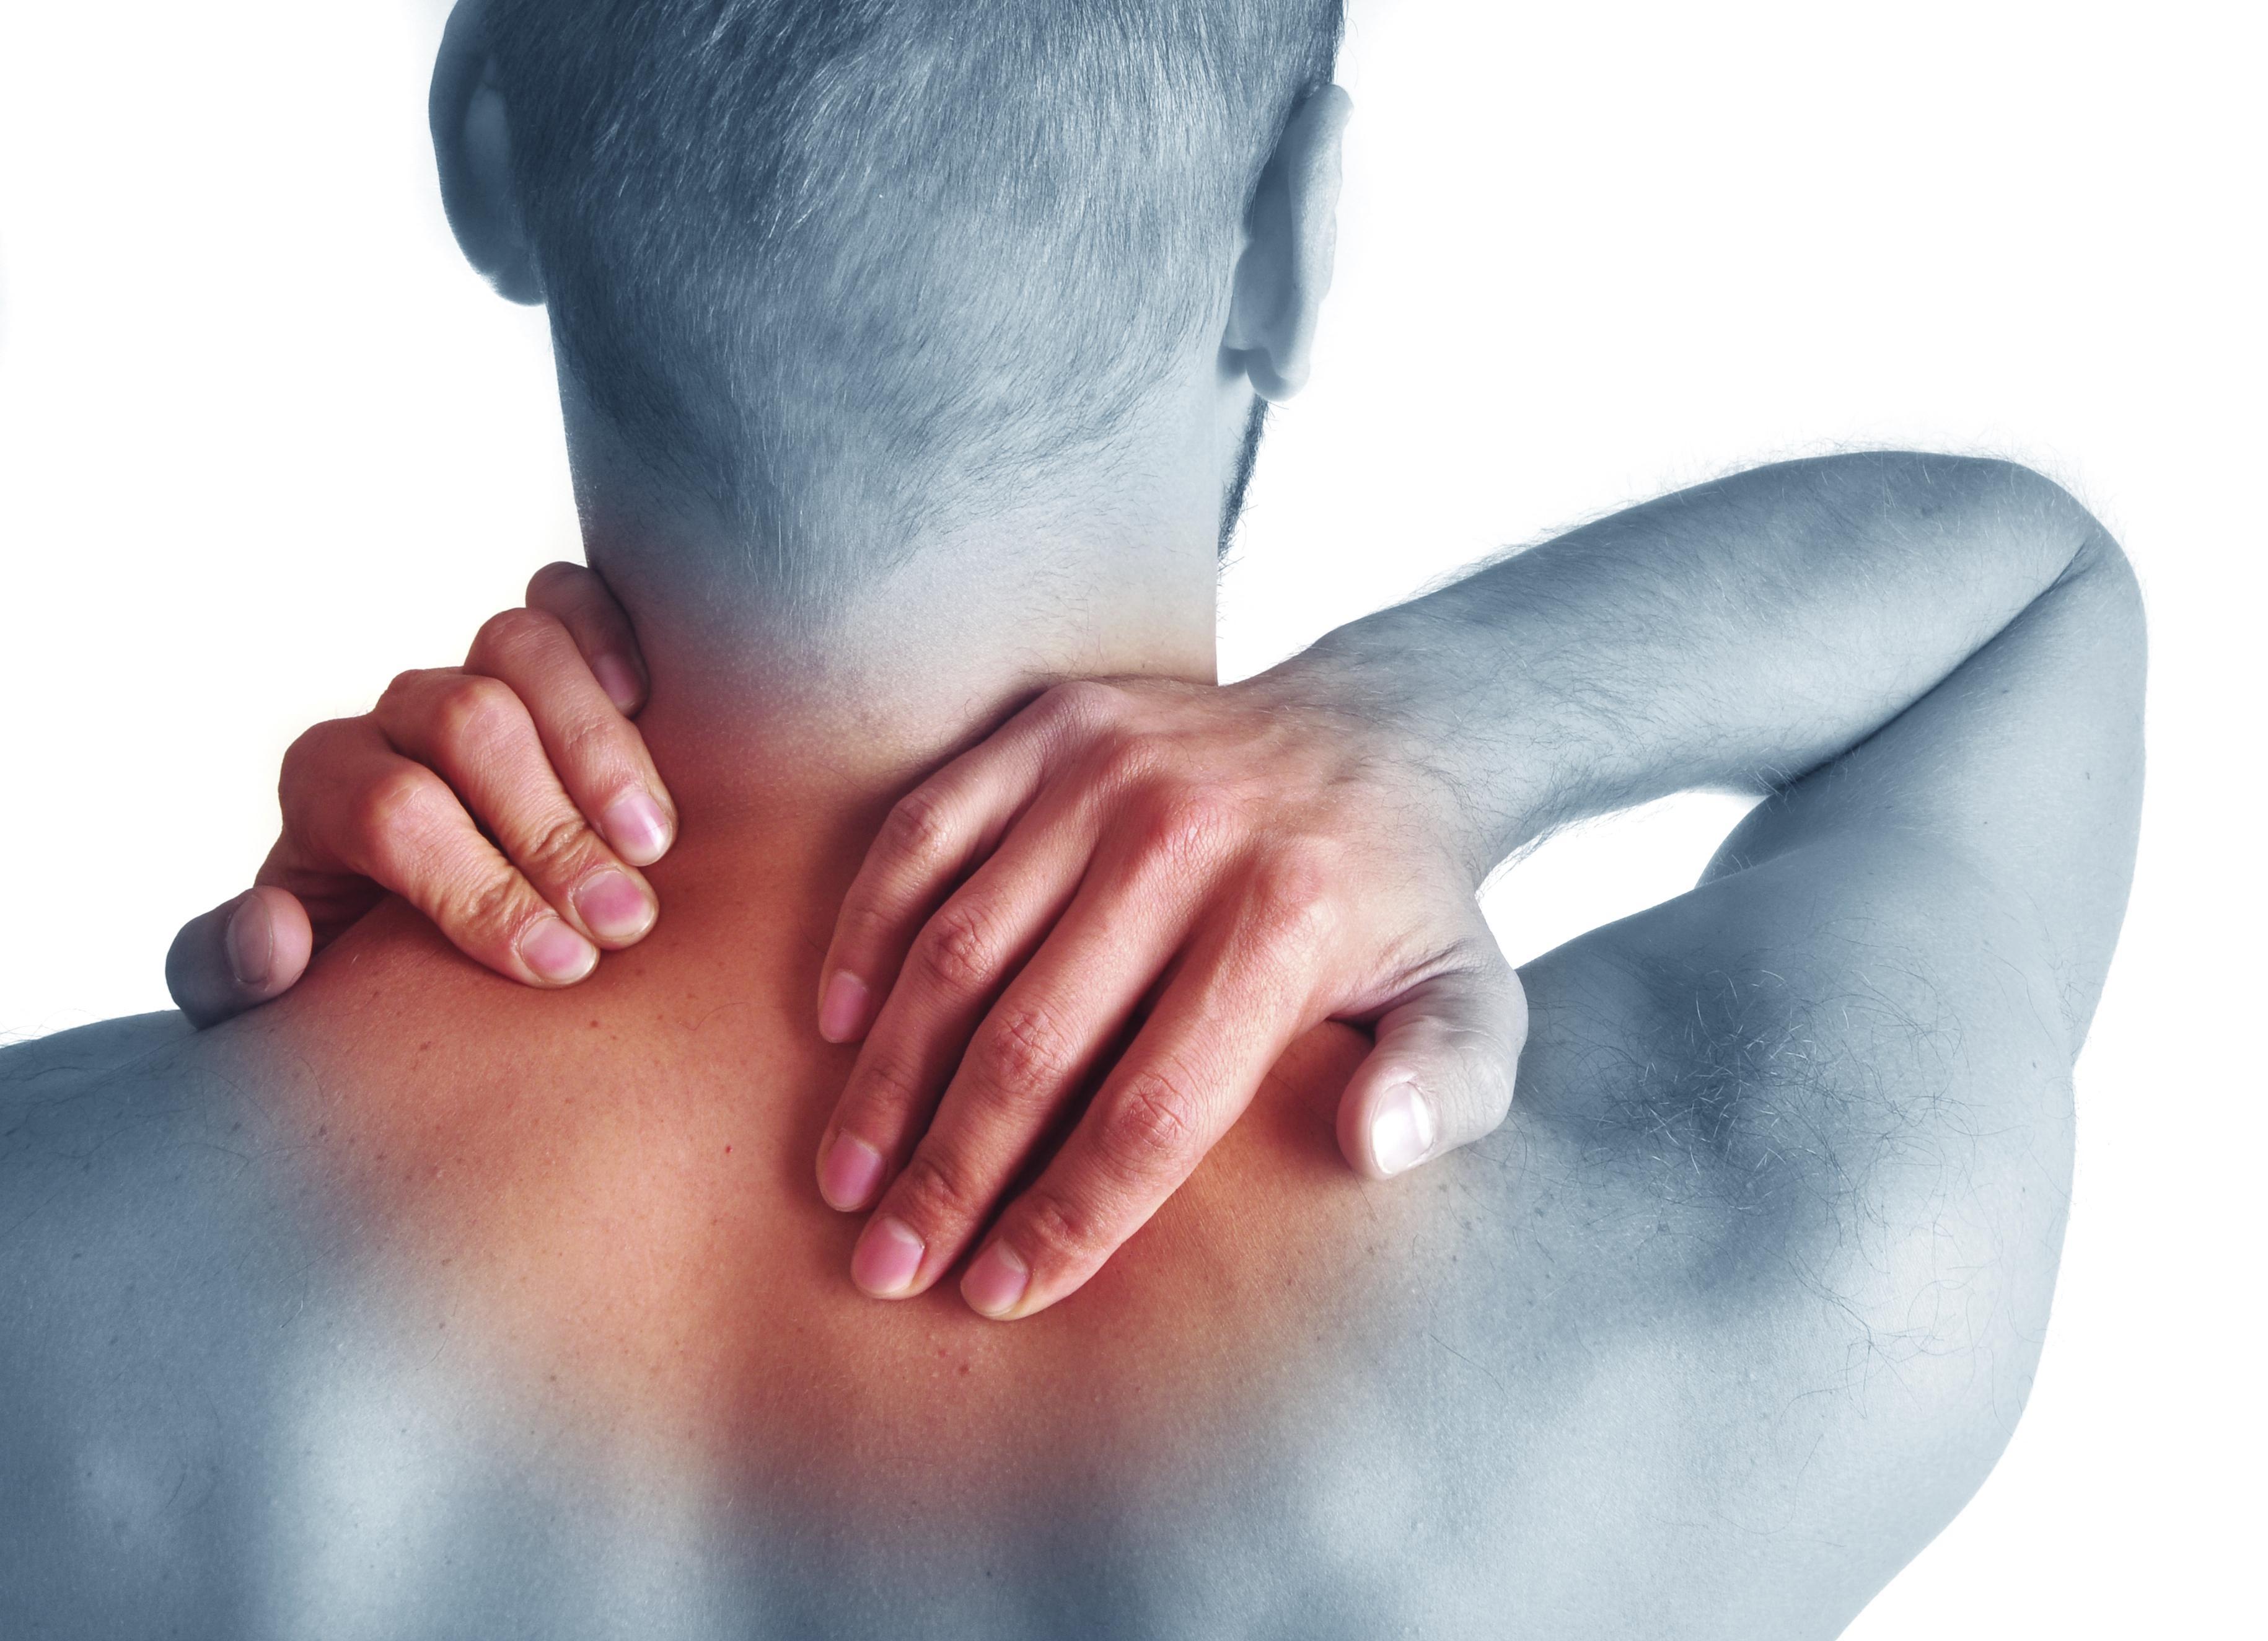 Dolor de cuello y espalda alta o cervicalgias - Clínica Planas ...